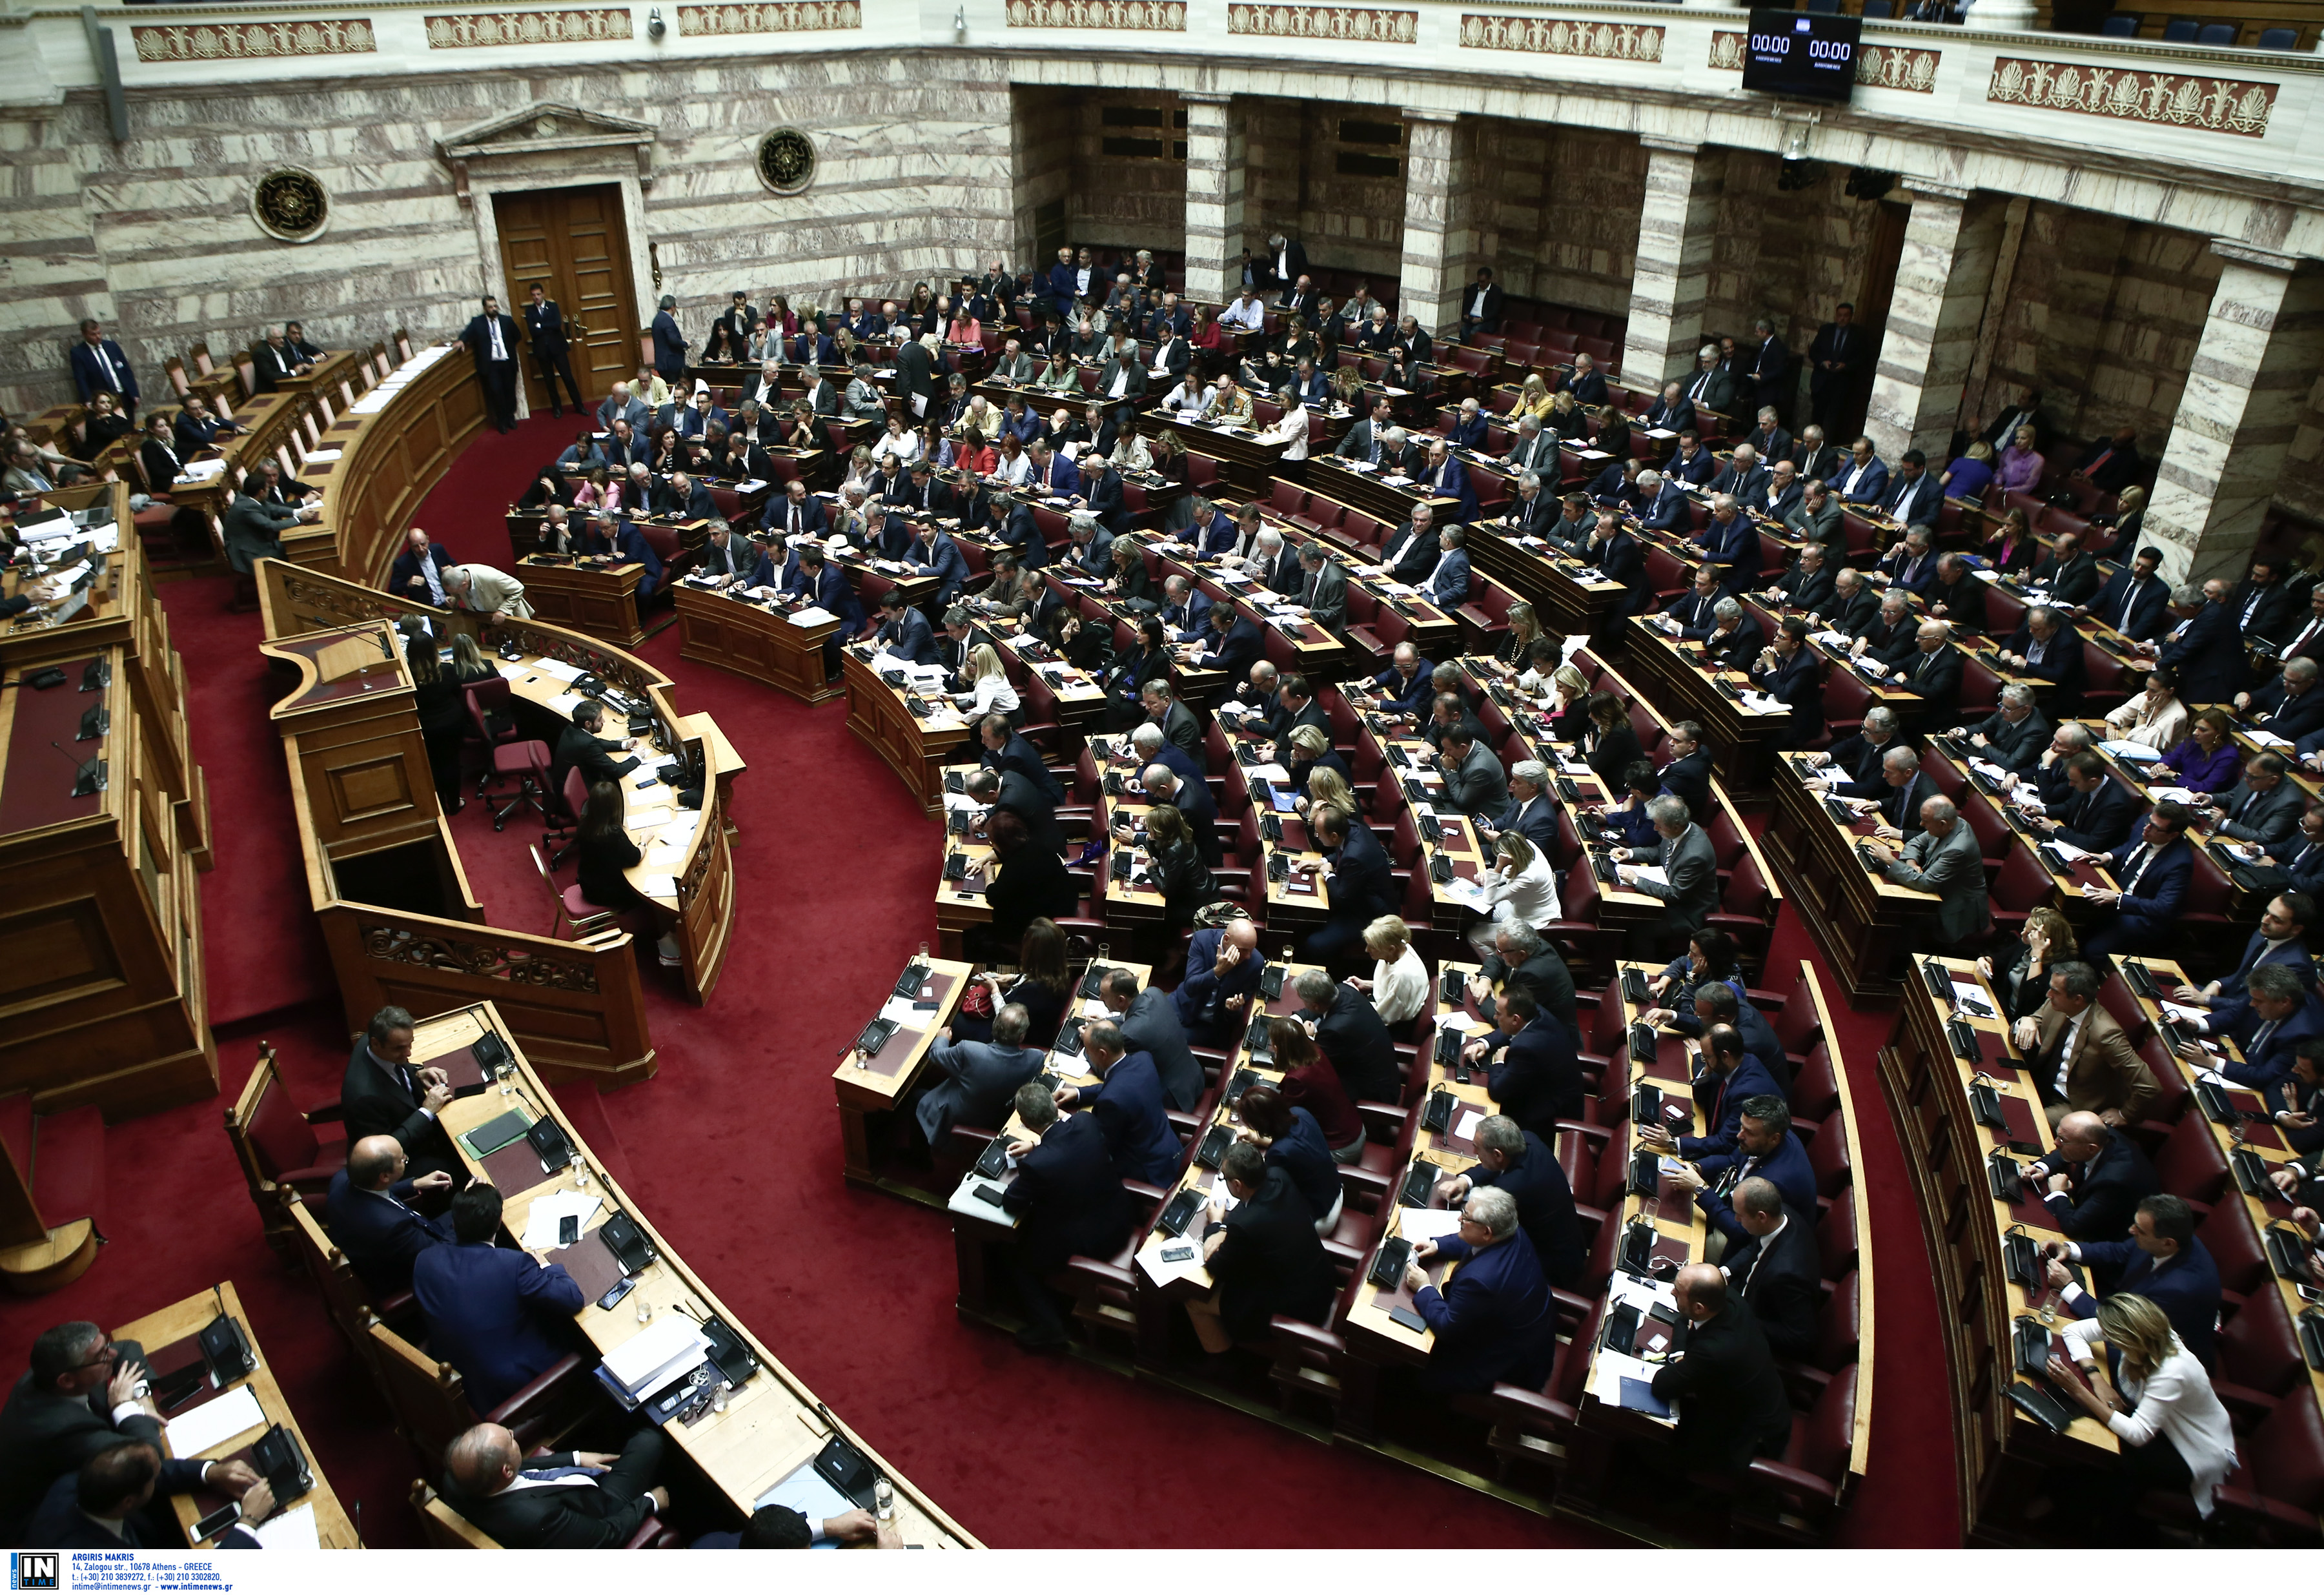 Το χρυσό 200άρι στους βουλευτές αναζητά η κυβέρνηση για συνταγματική αναθεώρηση και ψήφο των αποδήμων